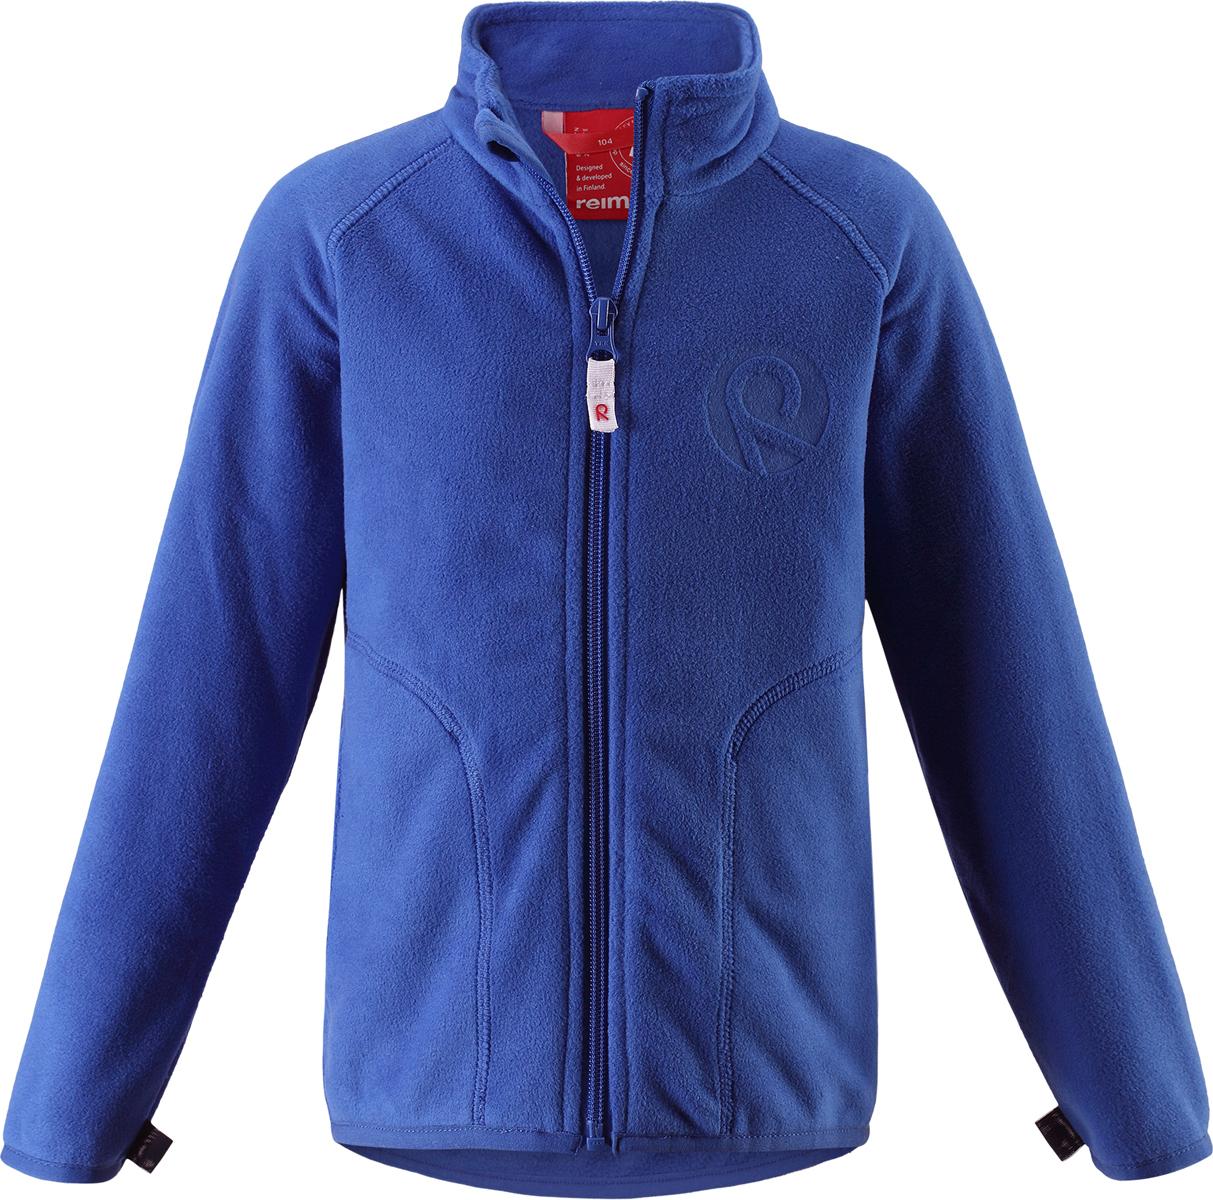 Толстовка флисовая детская Reima Inrun, цвет: синий. 5262506530. Размер 925262506530Детская флисовая толстовка Reima на прохладный день. Можно использовать как верхнюю одежду в сухую погоду весной и осенью или поддевать в качестве промежуточного слоя в холода. Обратите внимание на удобную систему кнопок Play Layers, с помощью которой легко присоединить кофту к одежде из серии Reima Play Layers и обеспечить ребенку дополнительное тепло и комфорт. Высококачественный флис - это теплый, легкий и быстросохнущий материал, он идеально подходит для активных прогулок. Удлиненная спинка обеспечивает дополнительную защиту для поясницы, а молния во всю длину с защитой для подбородка облегчает надевание.